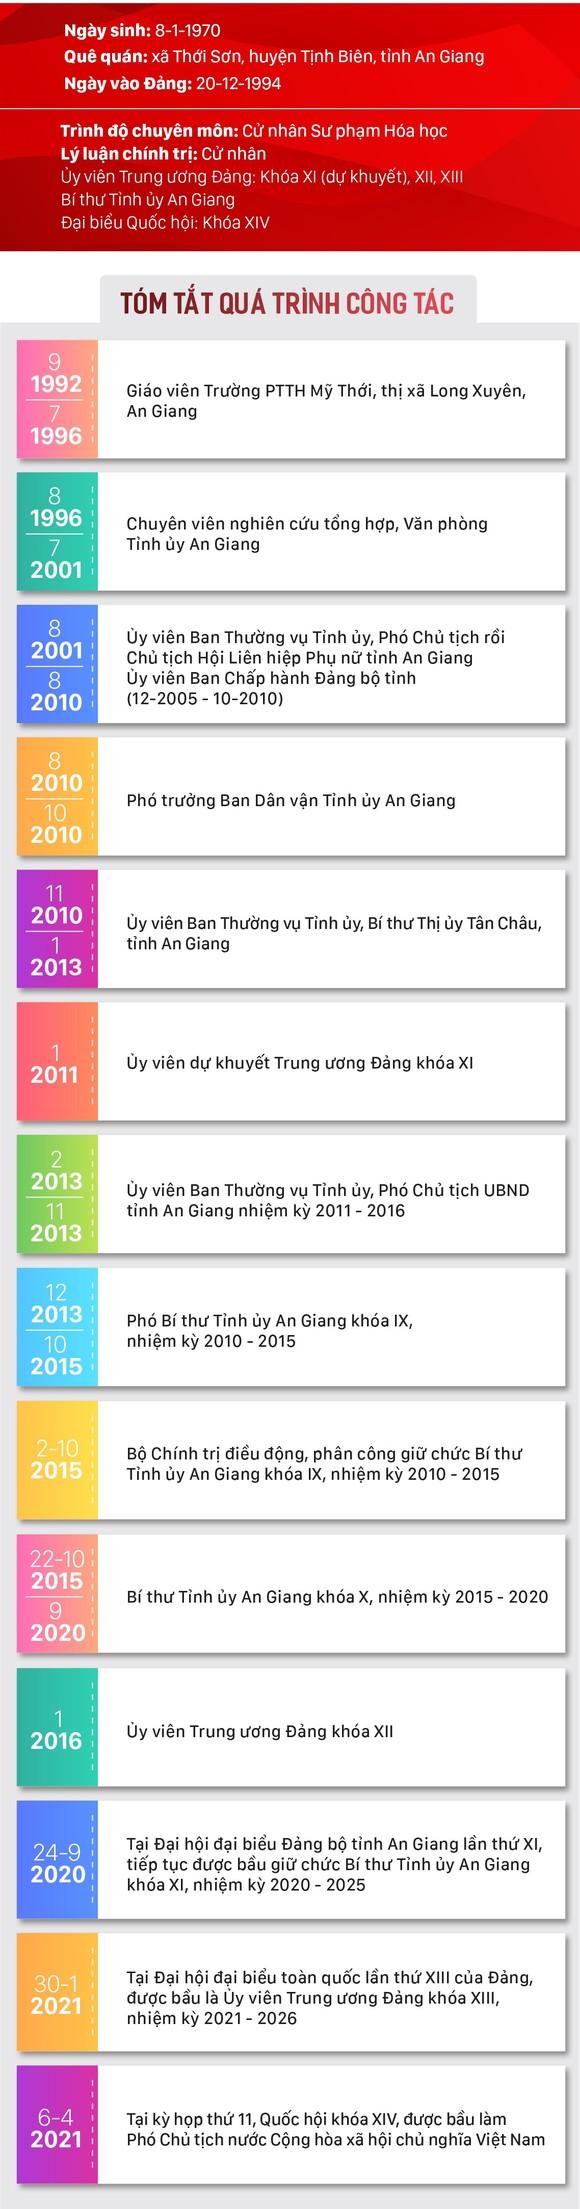 Đồng chí Võ Thị Ánh Xuân làm Phó Chủ tịch nước ảnh 4